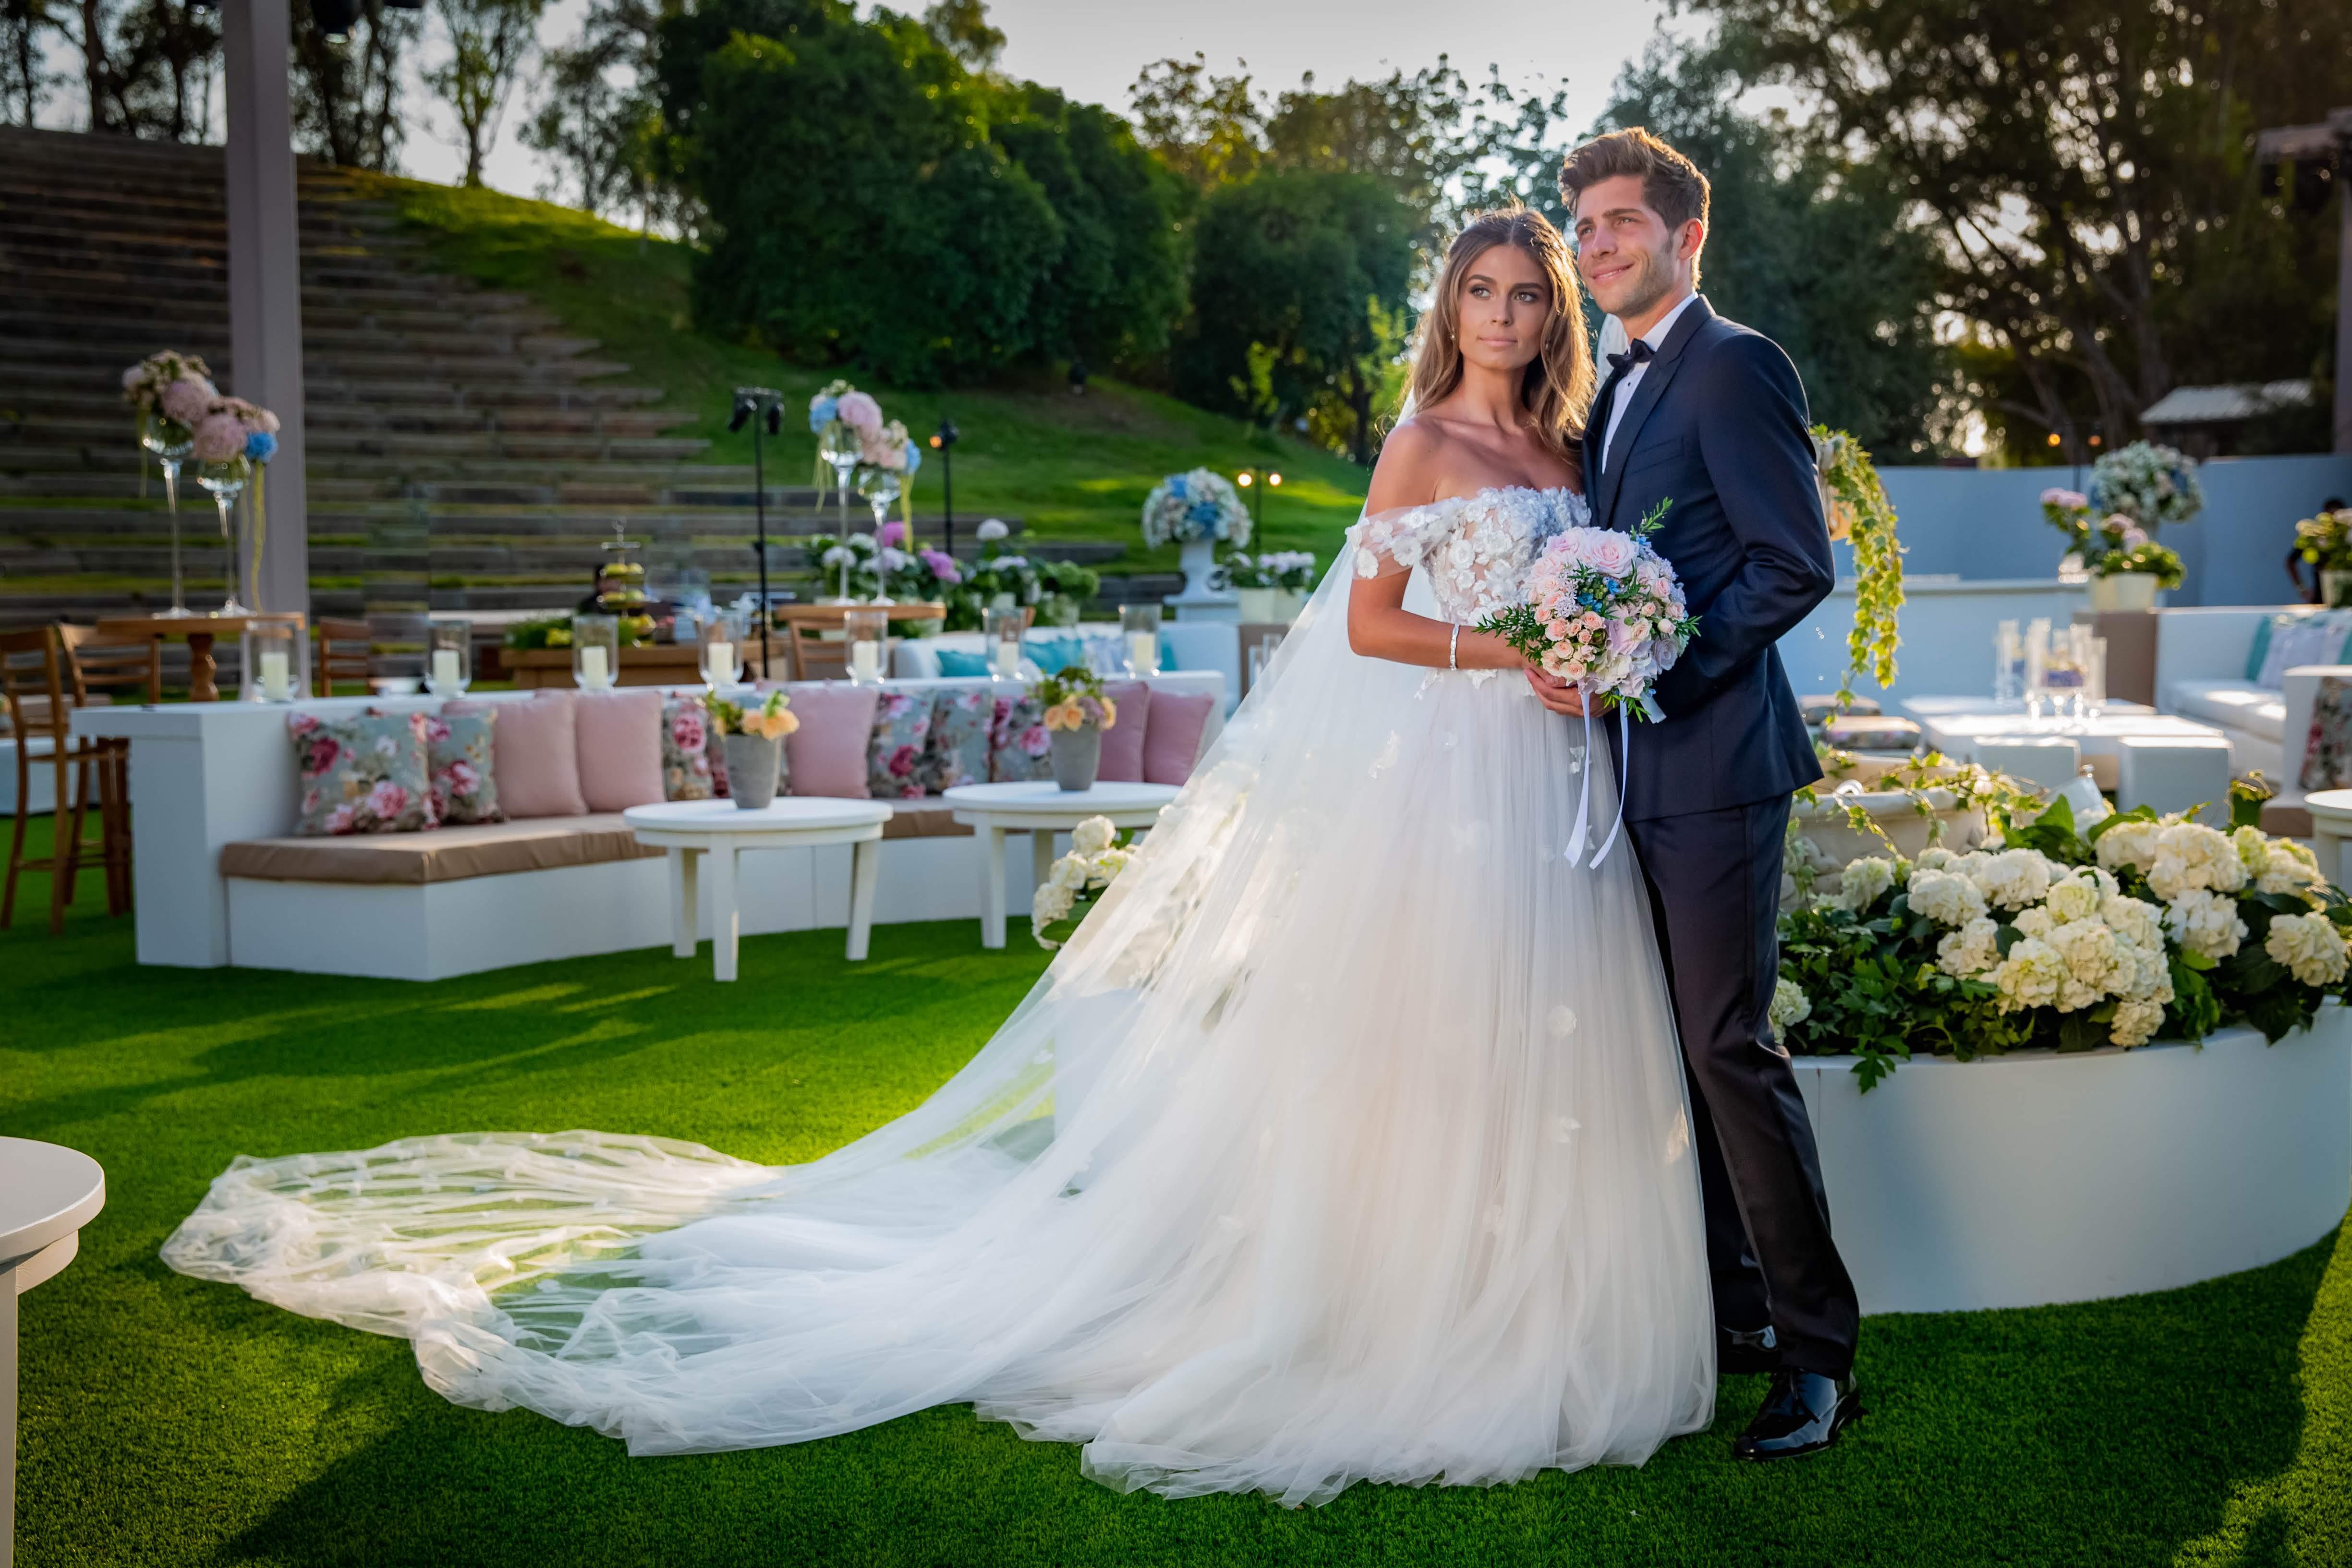 ככה זה נראה מבפנים: הצצה בלעדית לחתונה של קורל סימנוביץ׳ וסרג׳י רוברטו